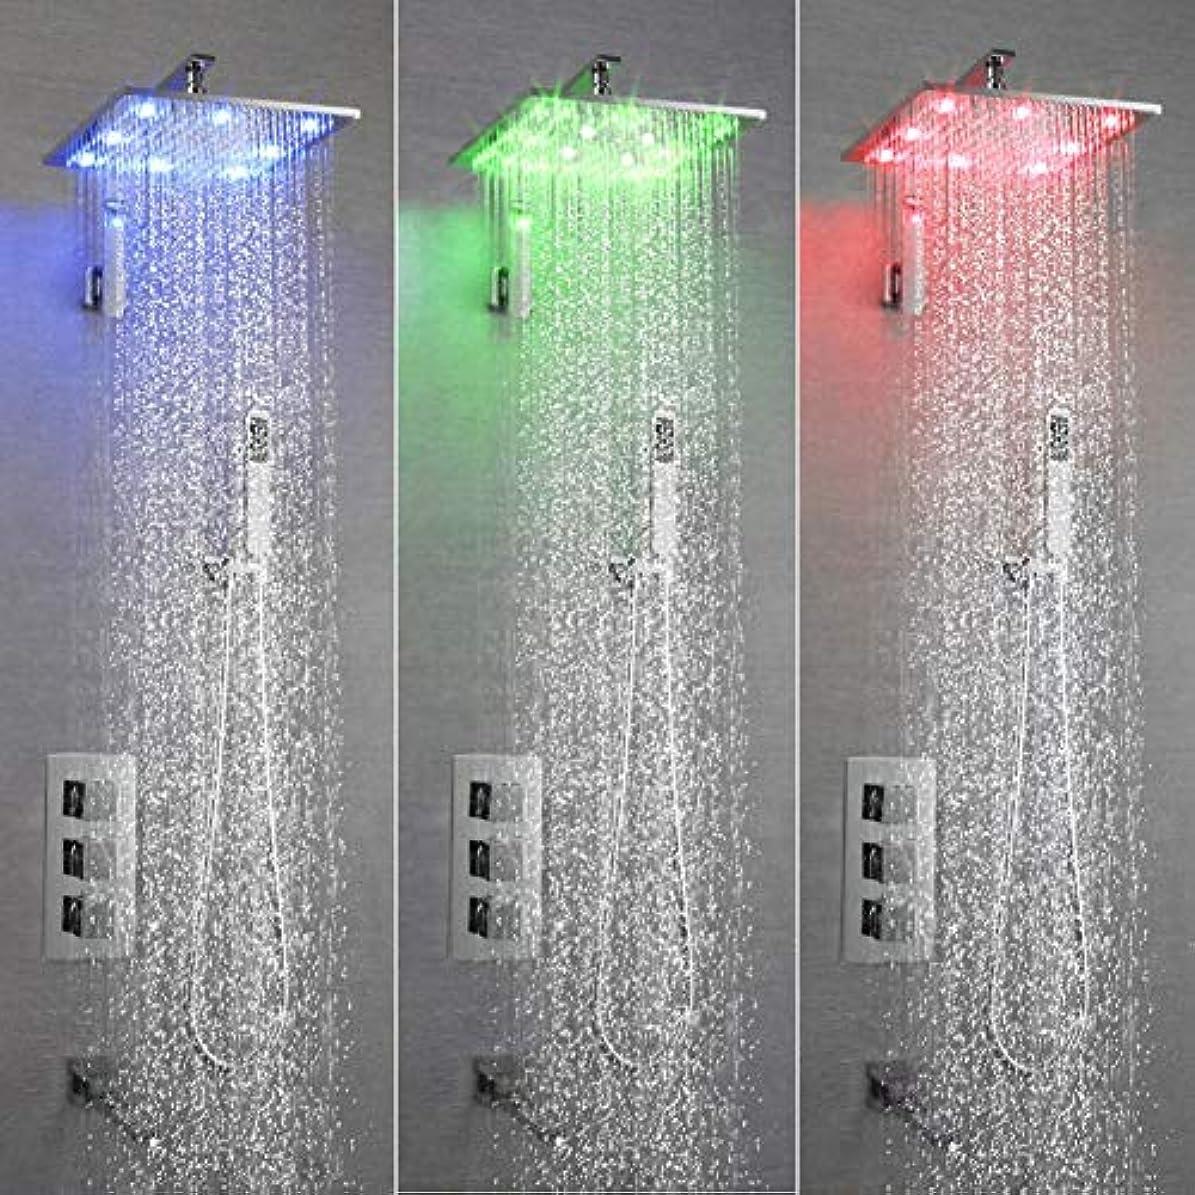 鏡ライター数字シャワーシステムLED浴室シャワーミキサーセット温度制御変色サーモスタット3機能シャワーヘッド銅バスルームシャワー蛇口セット (サイズ : 25x25cm)